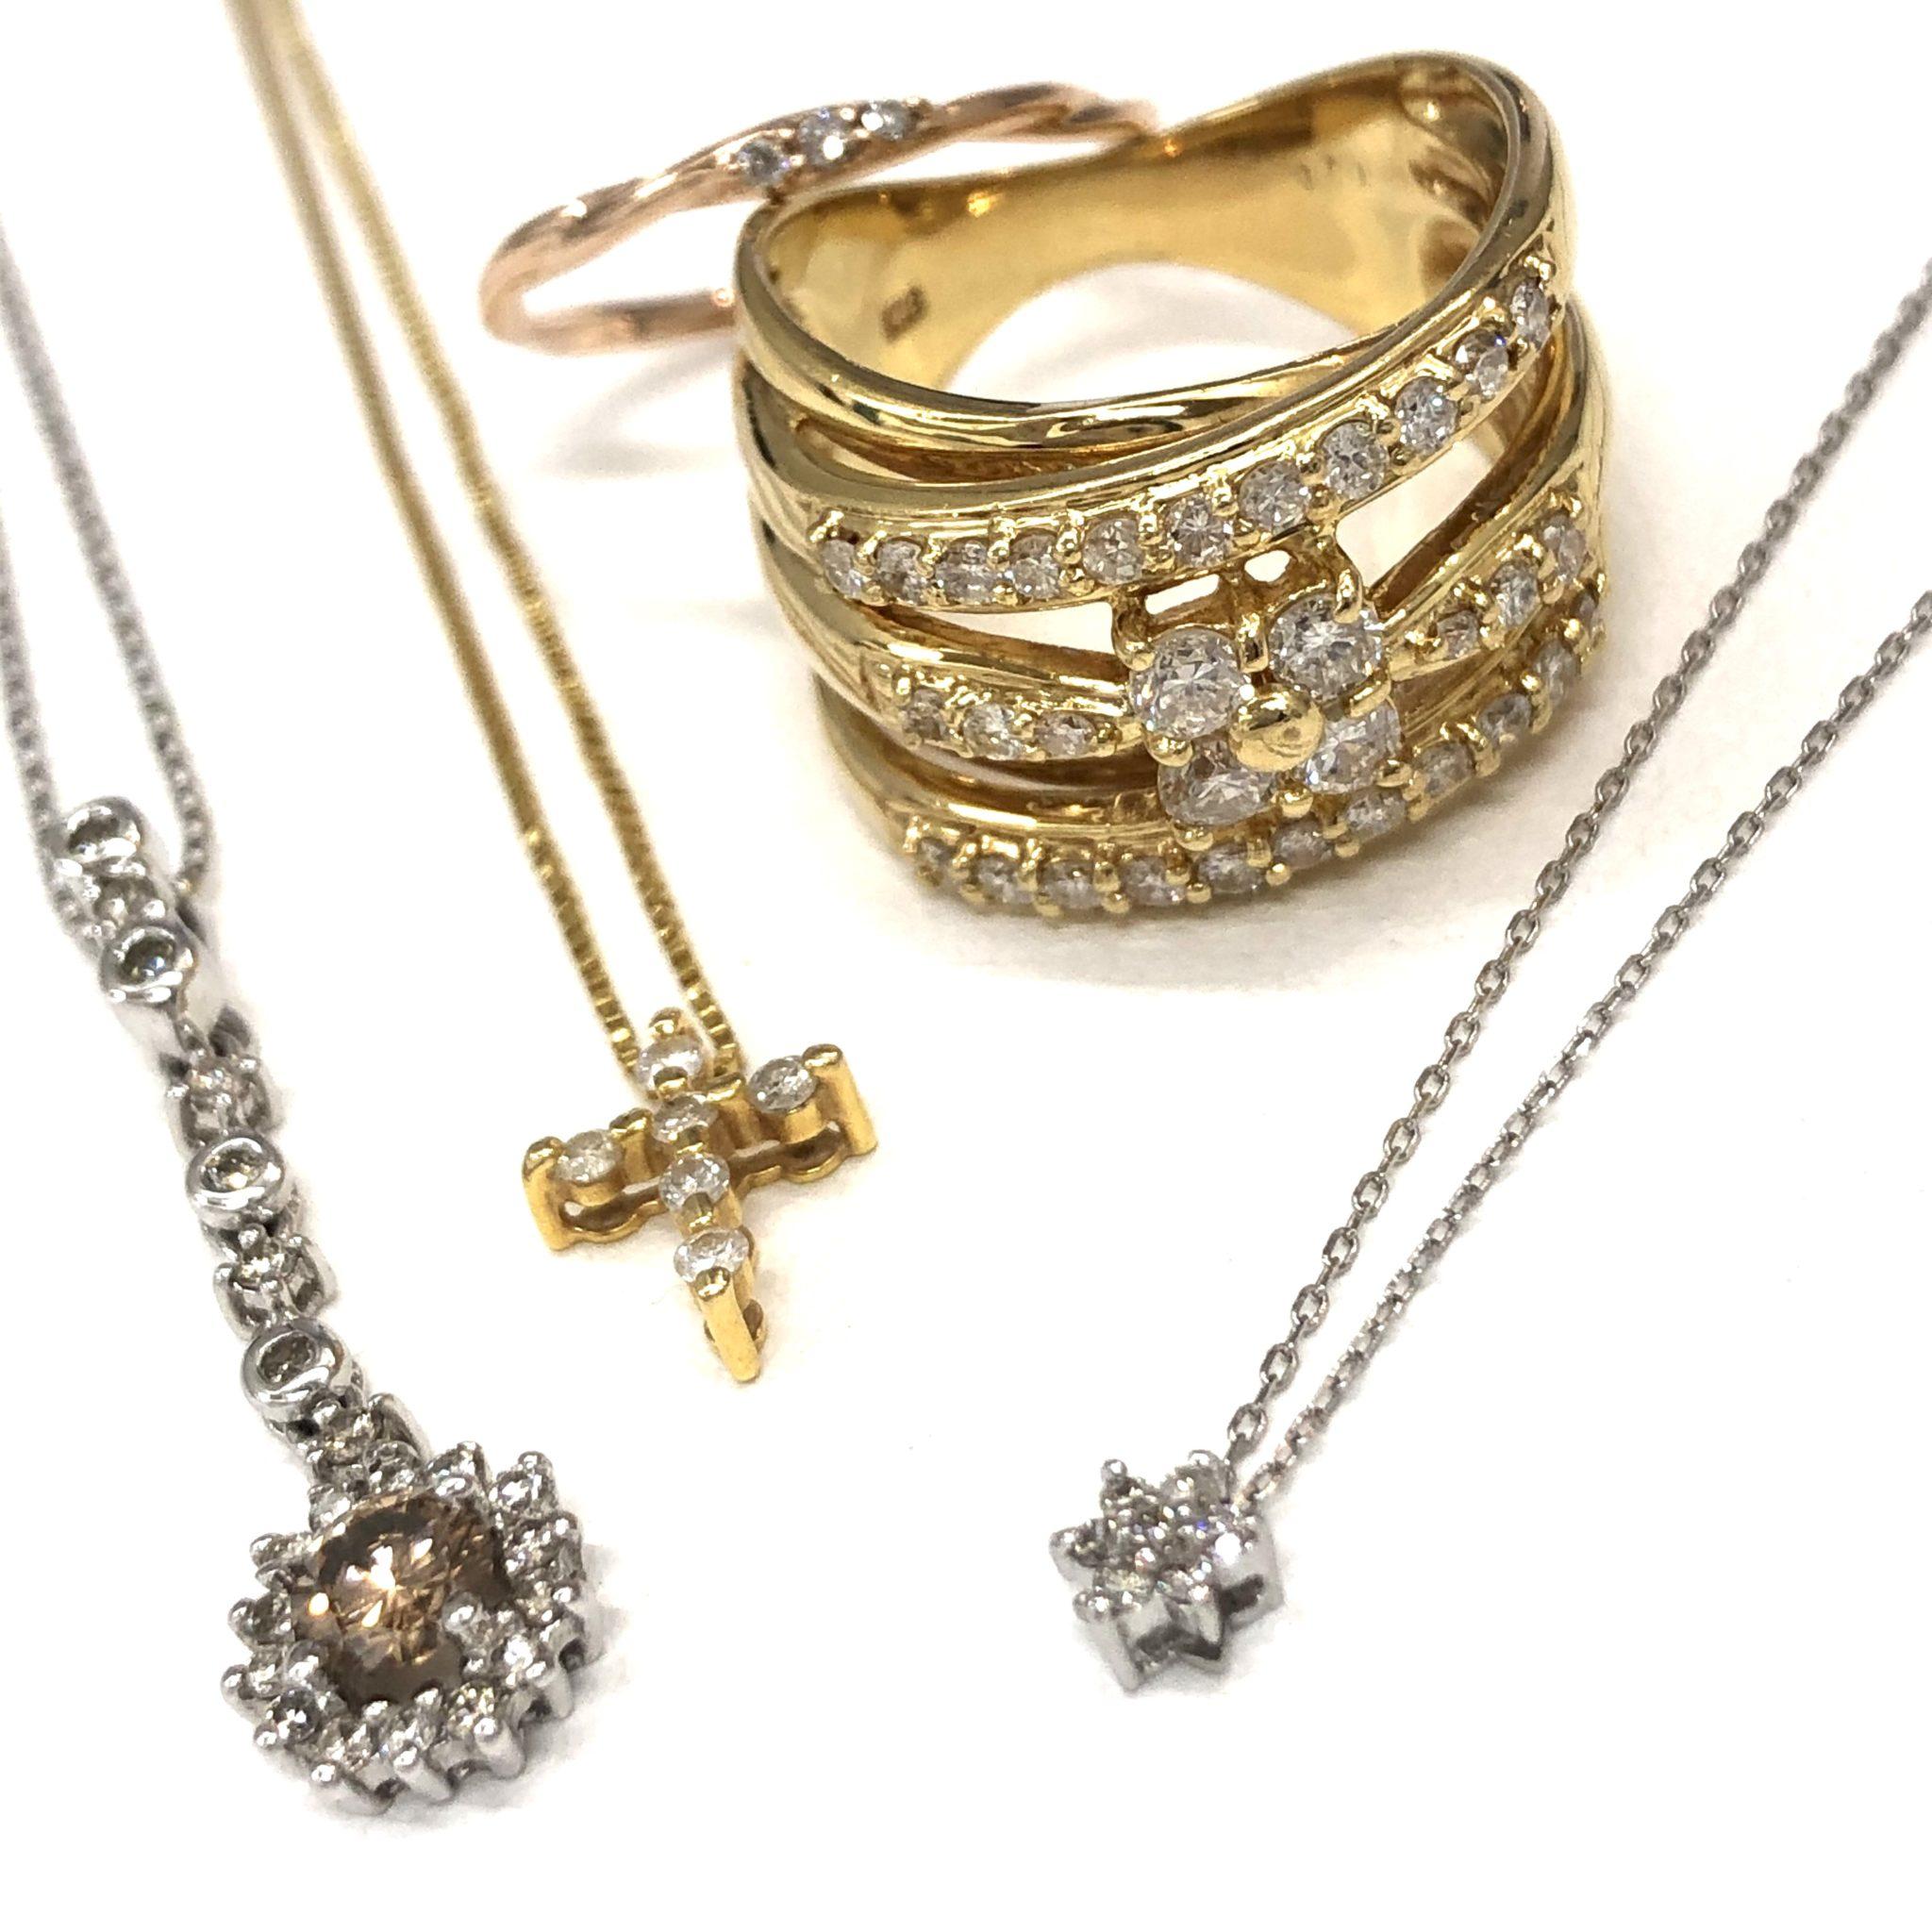 【ジュエリー 買取 盛岡】ダイヤモンドジュエリーお買取させていただきました。